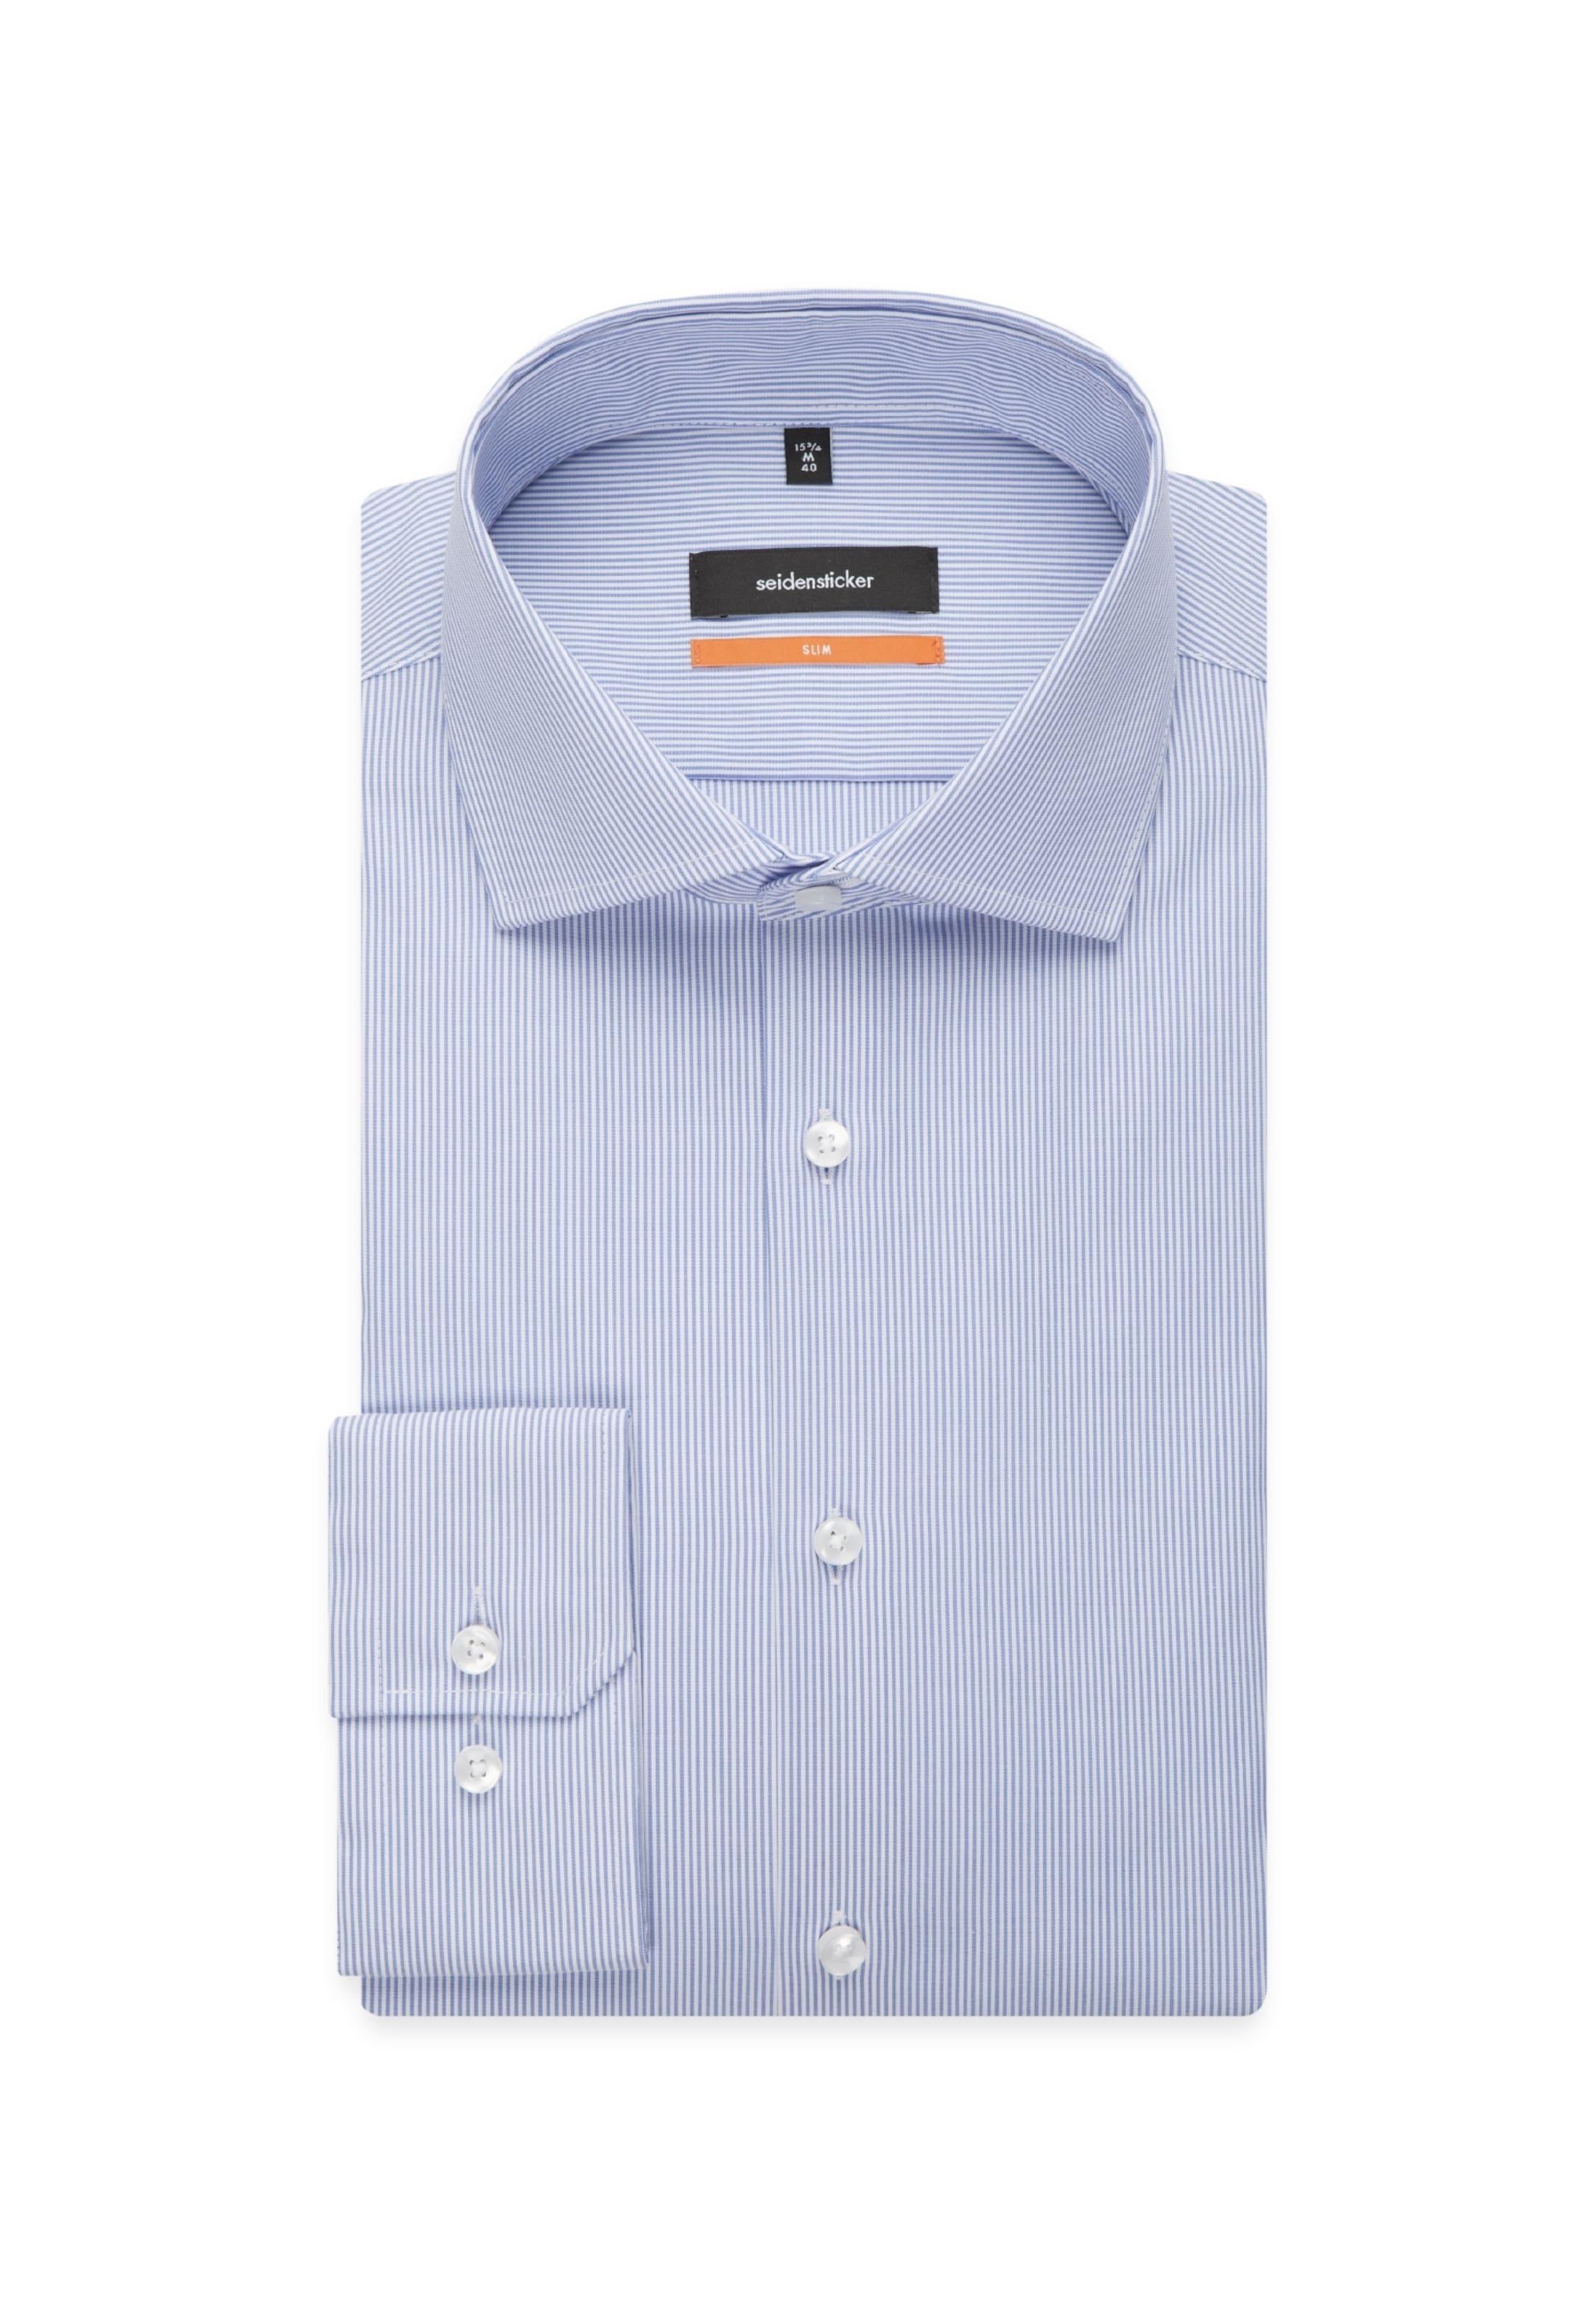 HellblauWeiß HellblauWeiß Hemd Seidensticker HellblauWeiß Hemd Seidensticker Seidensticker In In Seidensticker Hemd Hemd In YHEDW2I9